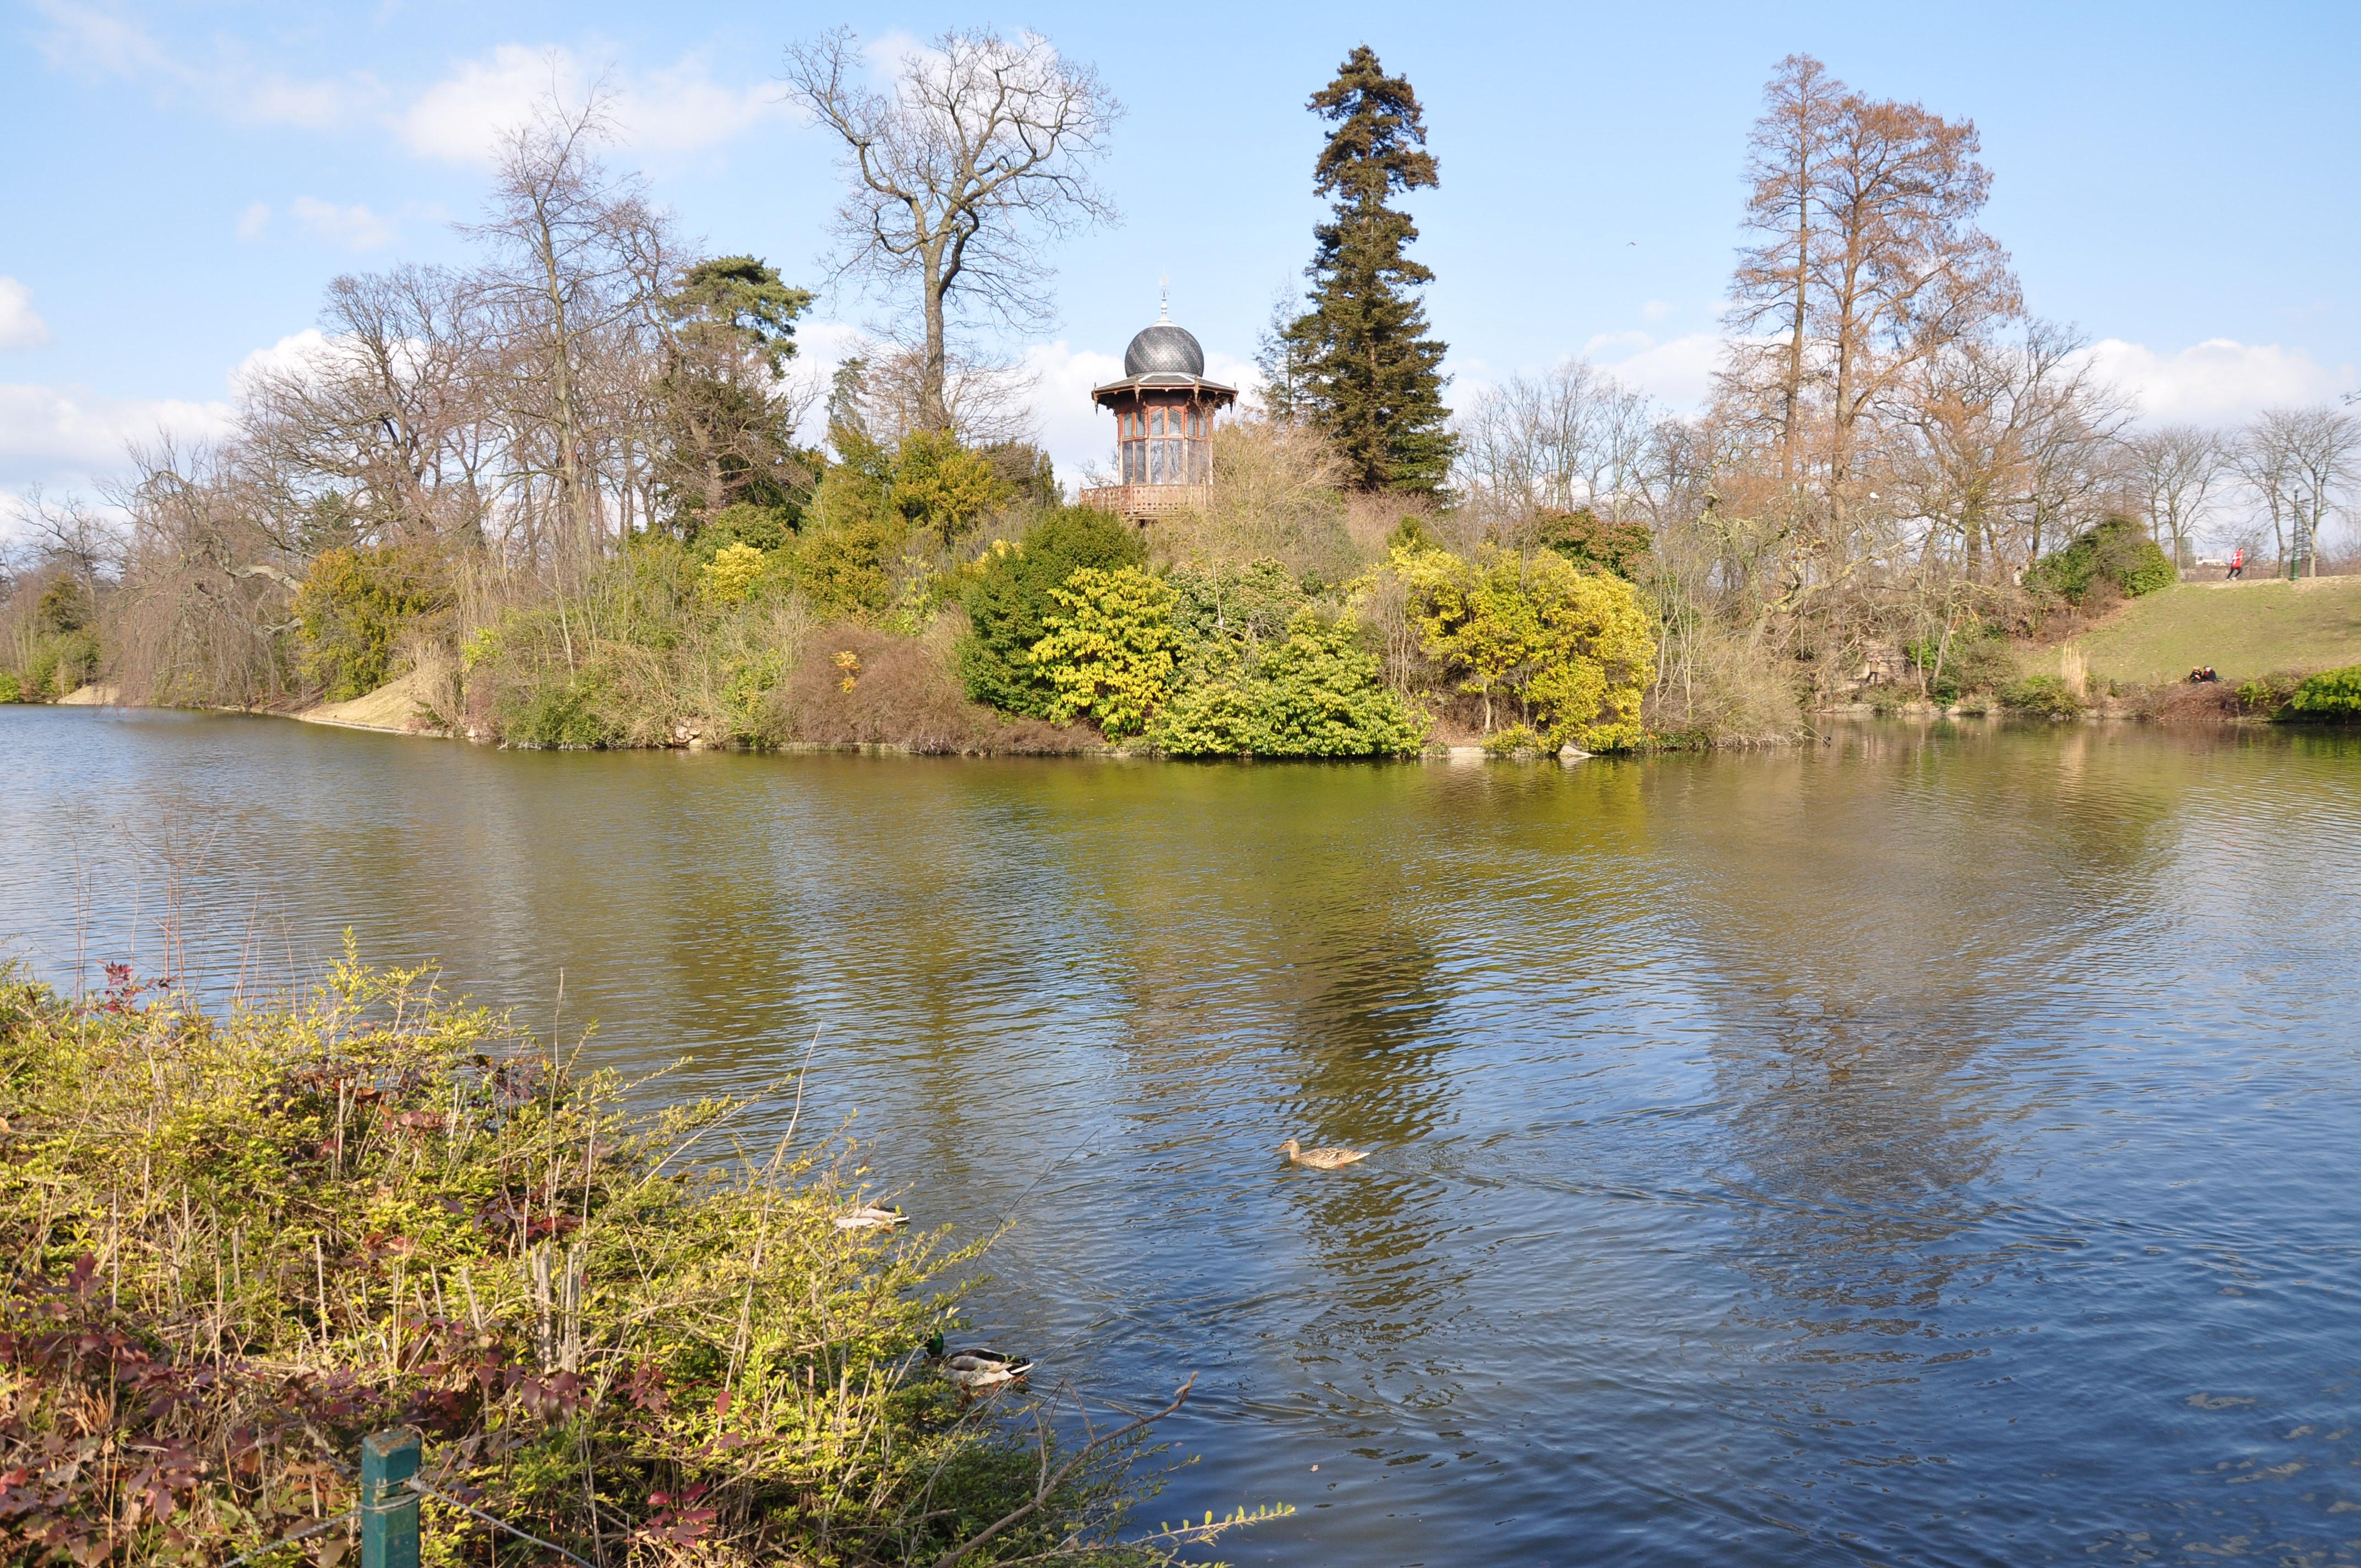 Image Bois De Boulogne : Kiosque de l'Empereur Bois de Boulogne, Architecte int?rieur Paris